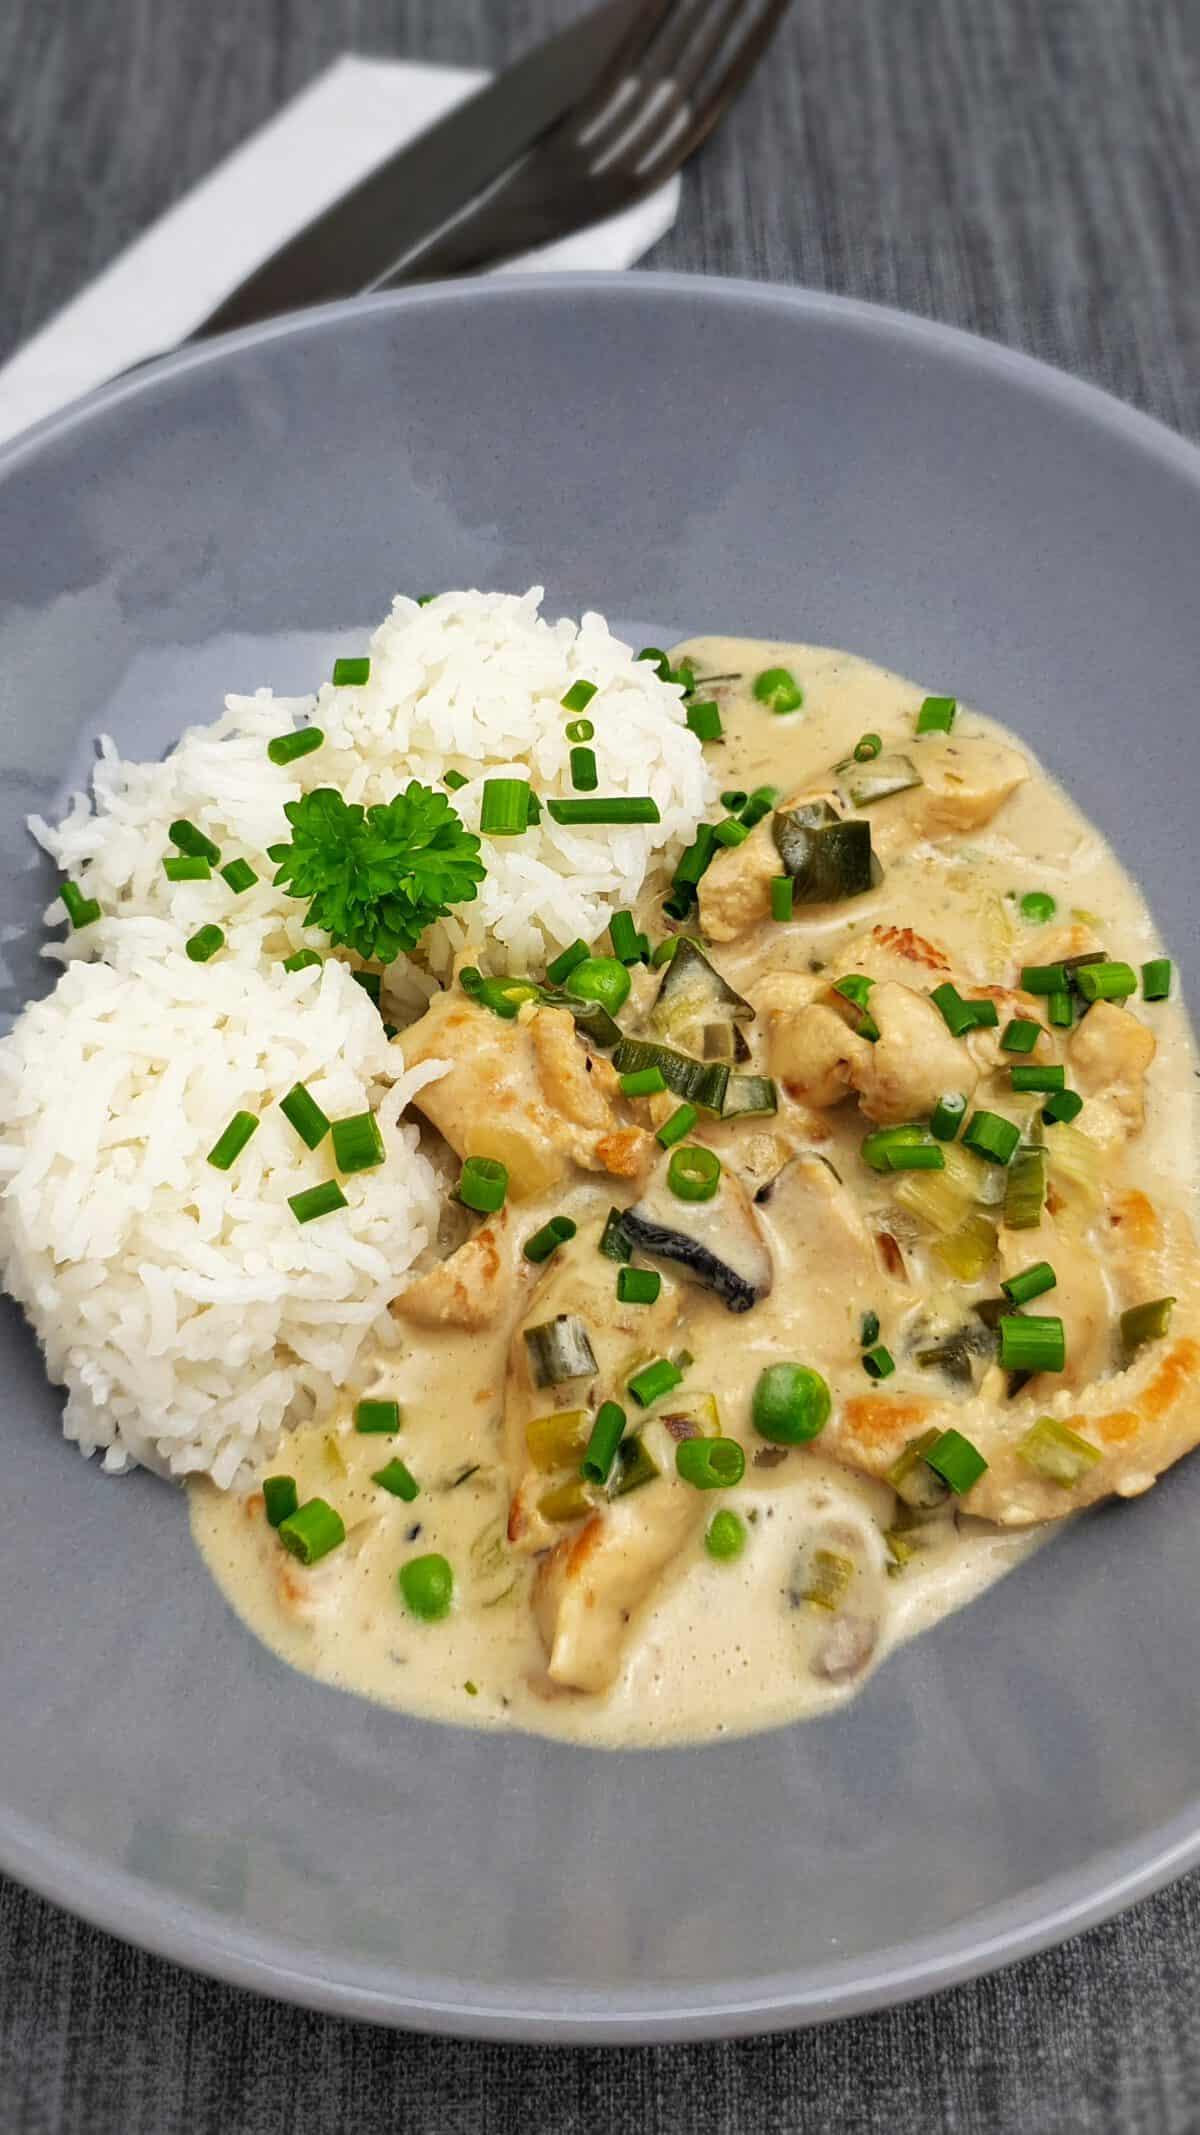 In einer hellgrauen Schale angerichtet Hähnchengeschnetzeltes mit Reis und Erbsen, Mit Petersilie bestreut. Daneben Besteck.